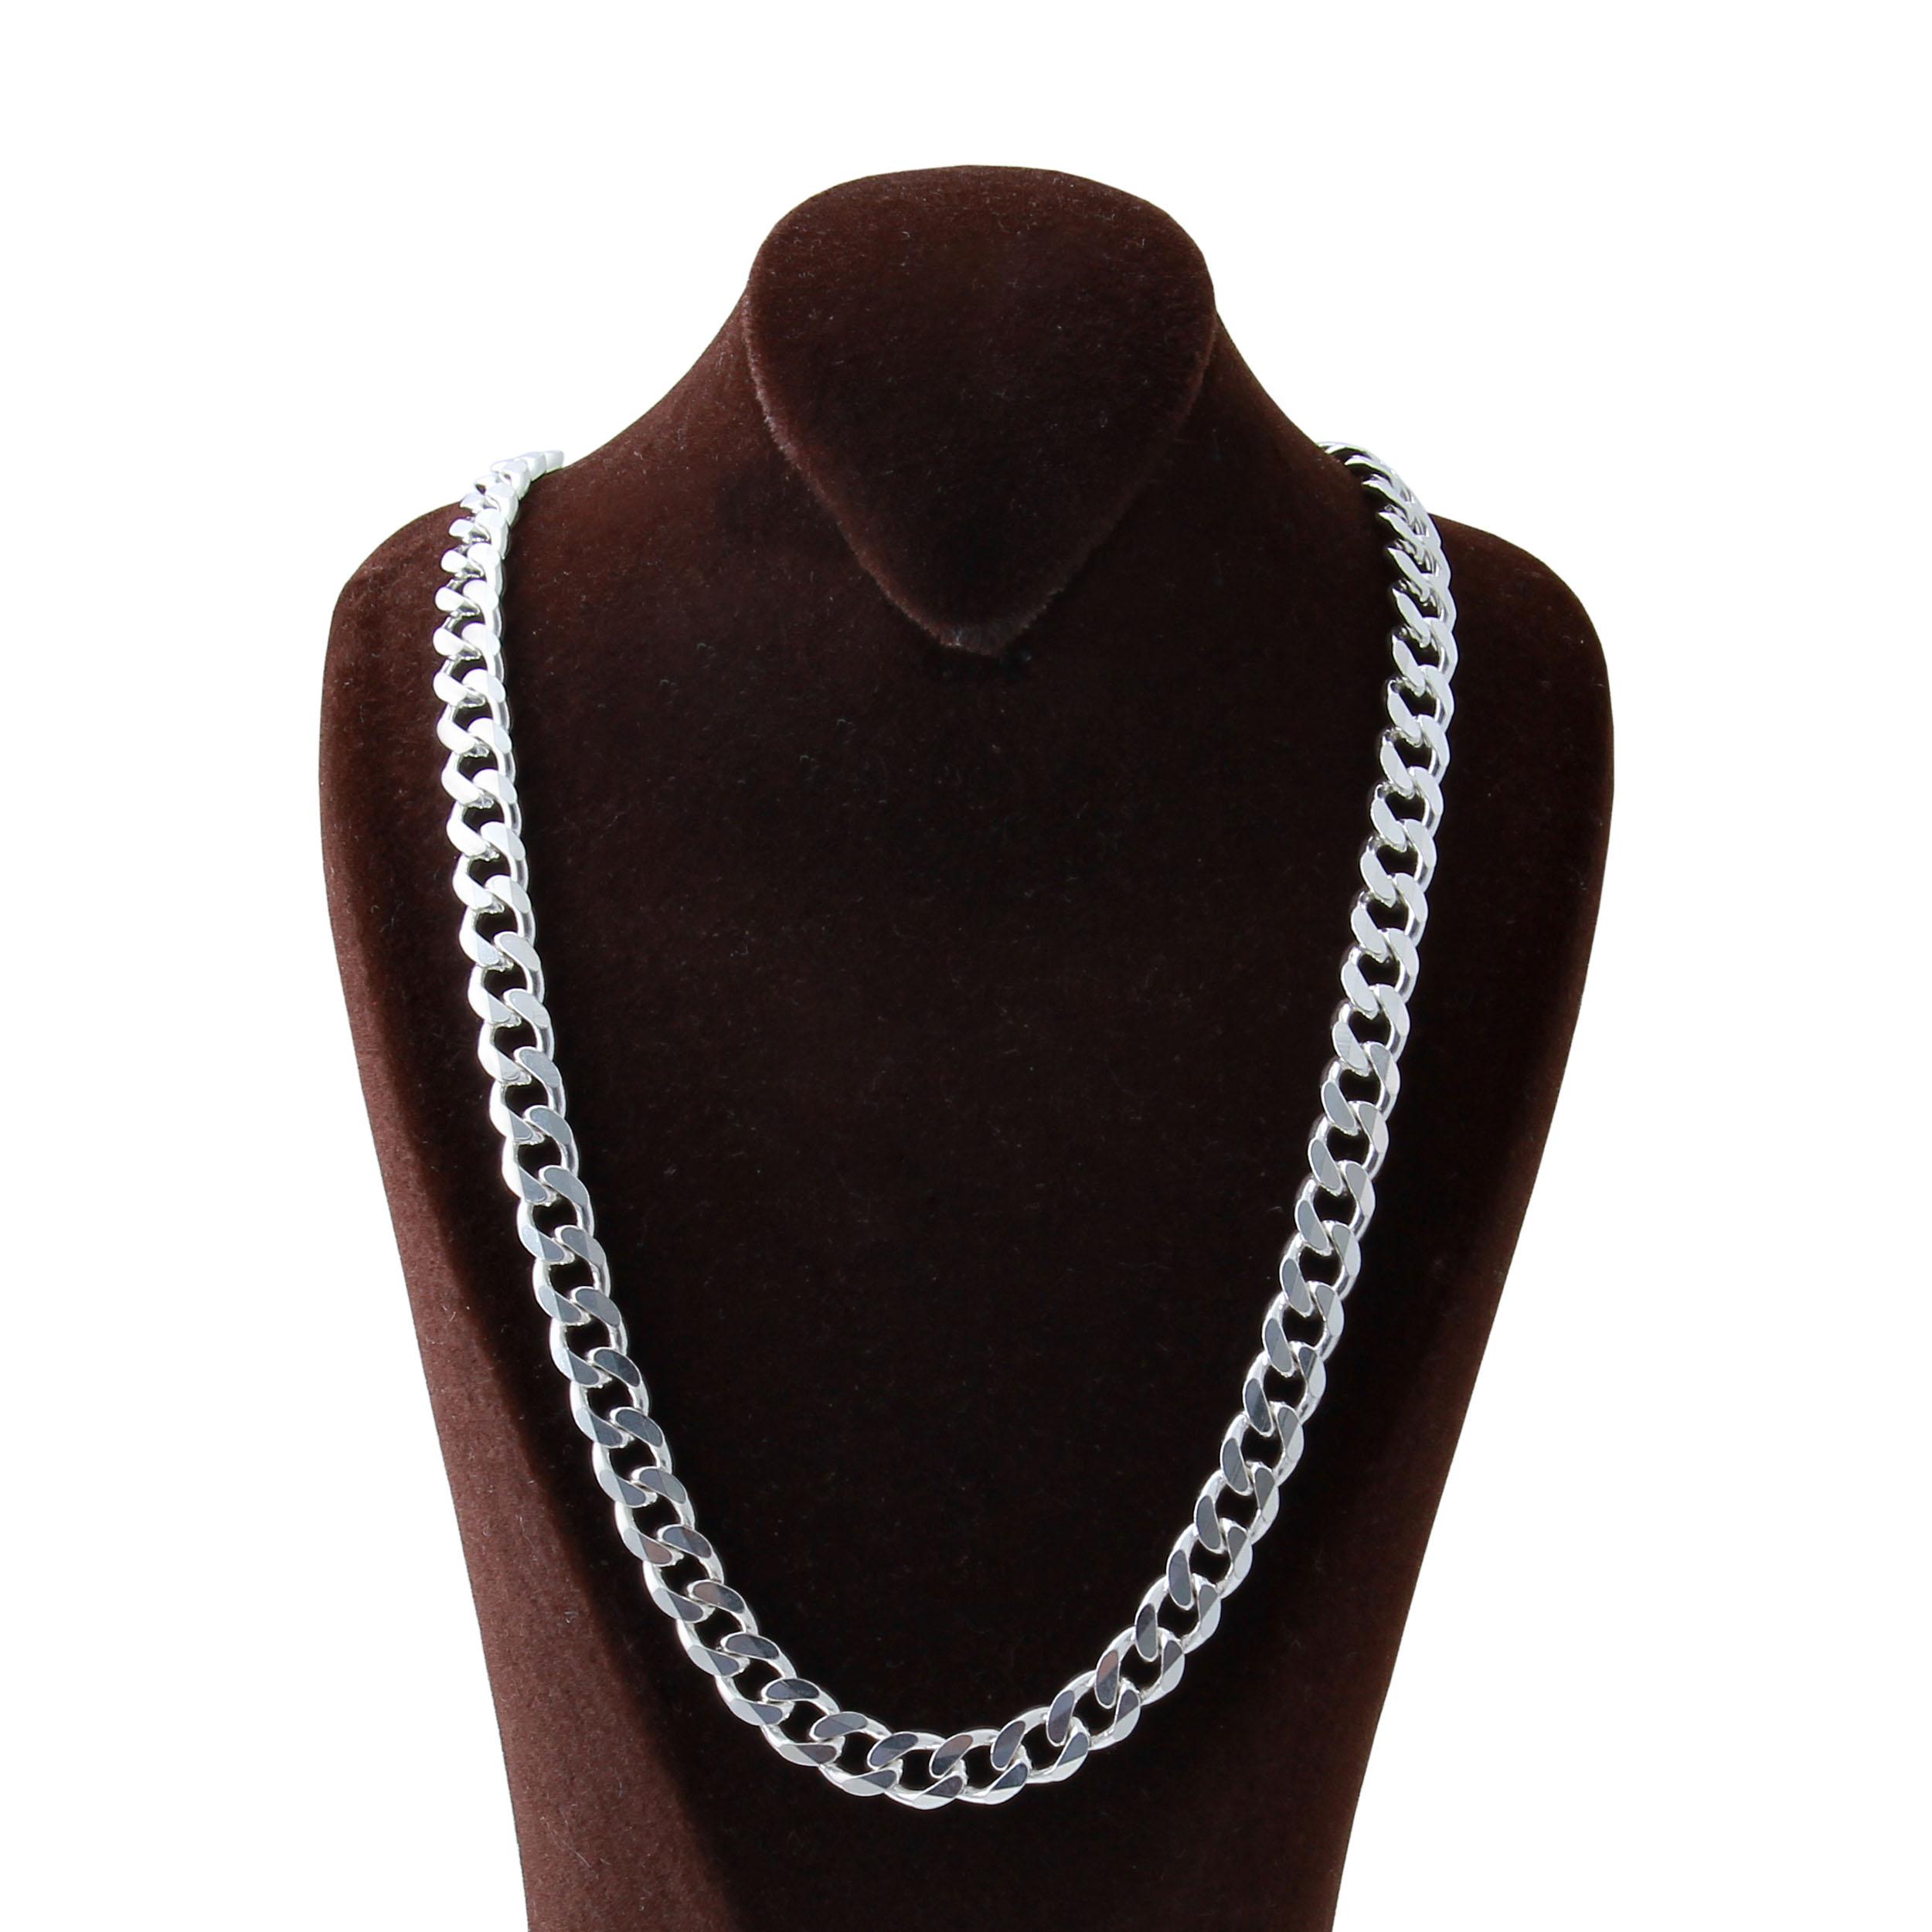 زنجیر نقره مردانه بازرگانی میلادی  کد  ZR_016